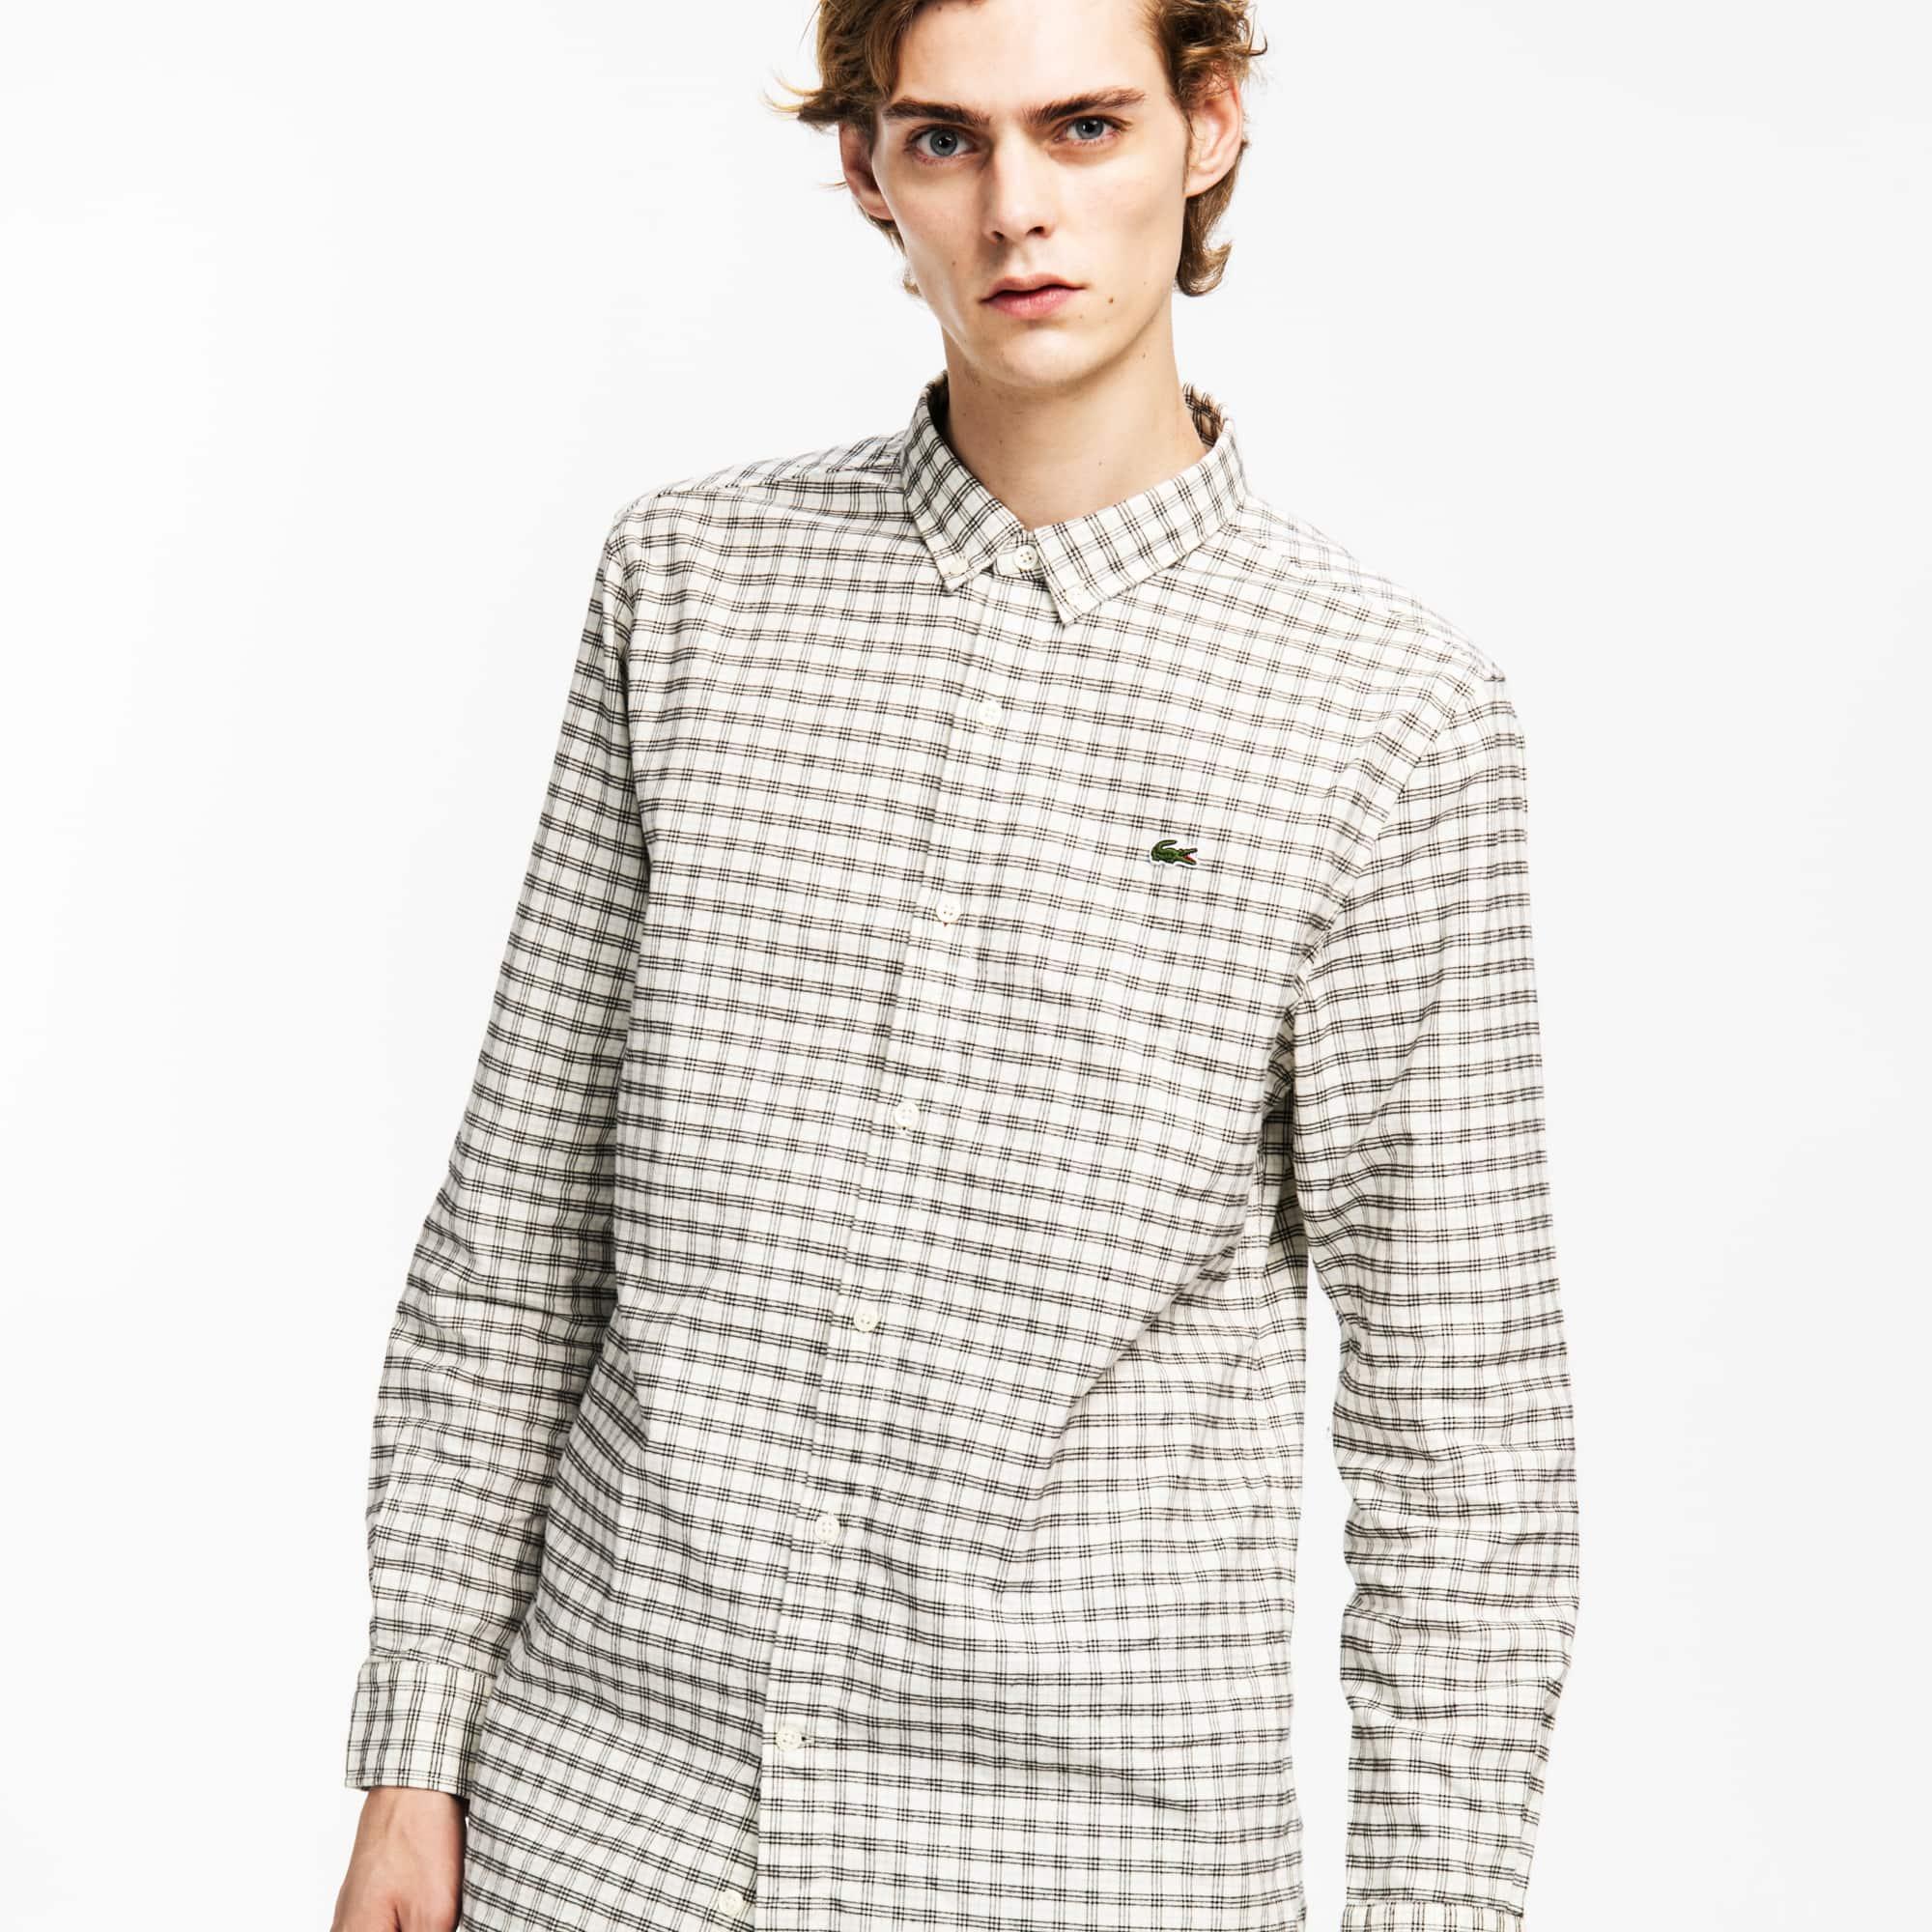 Lacoste L!VE系列男士长袖格纹衬衫